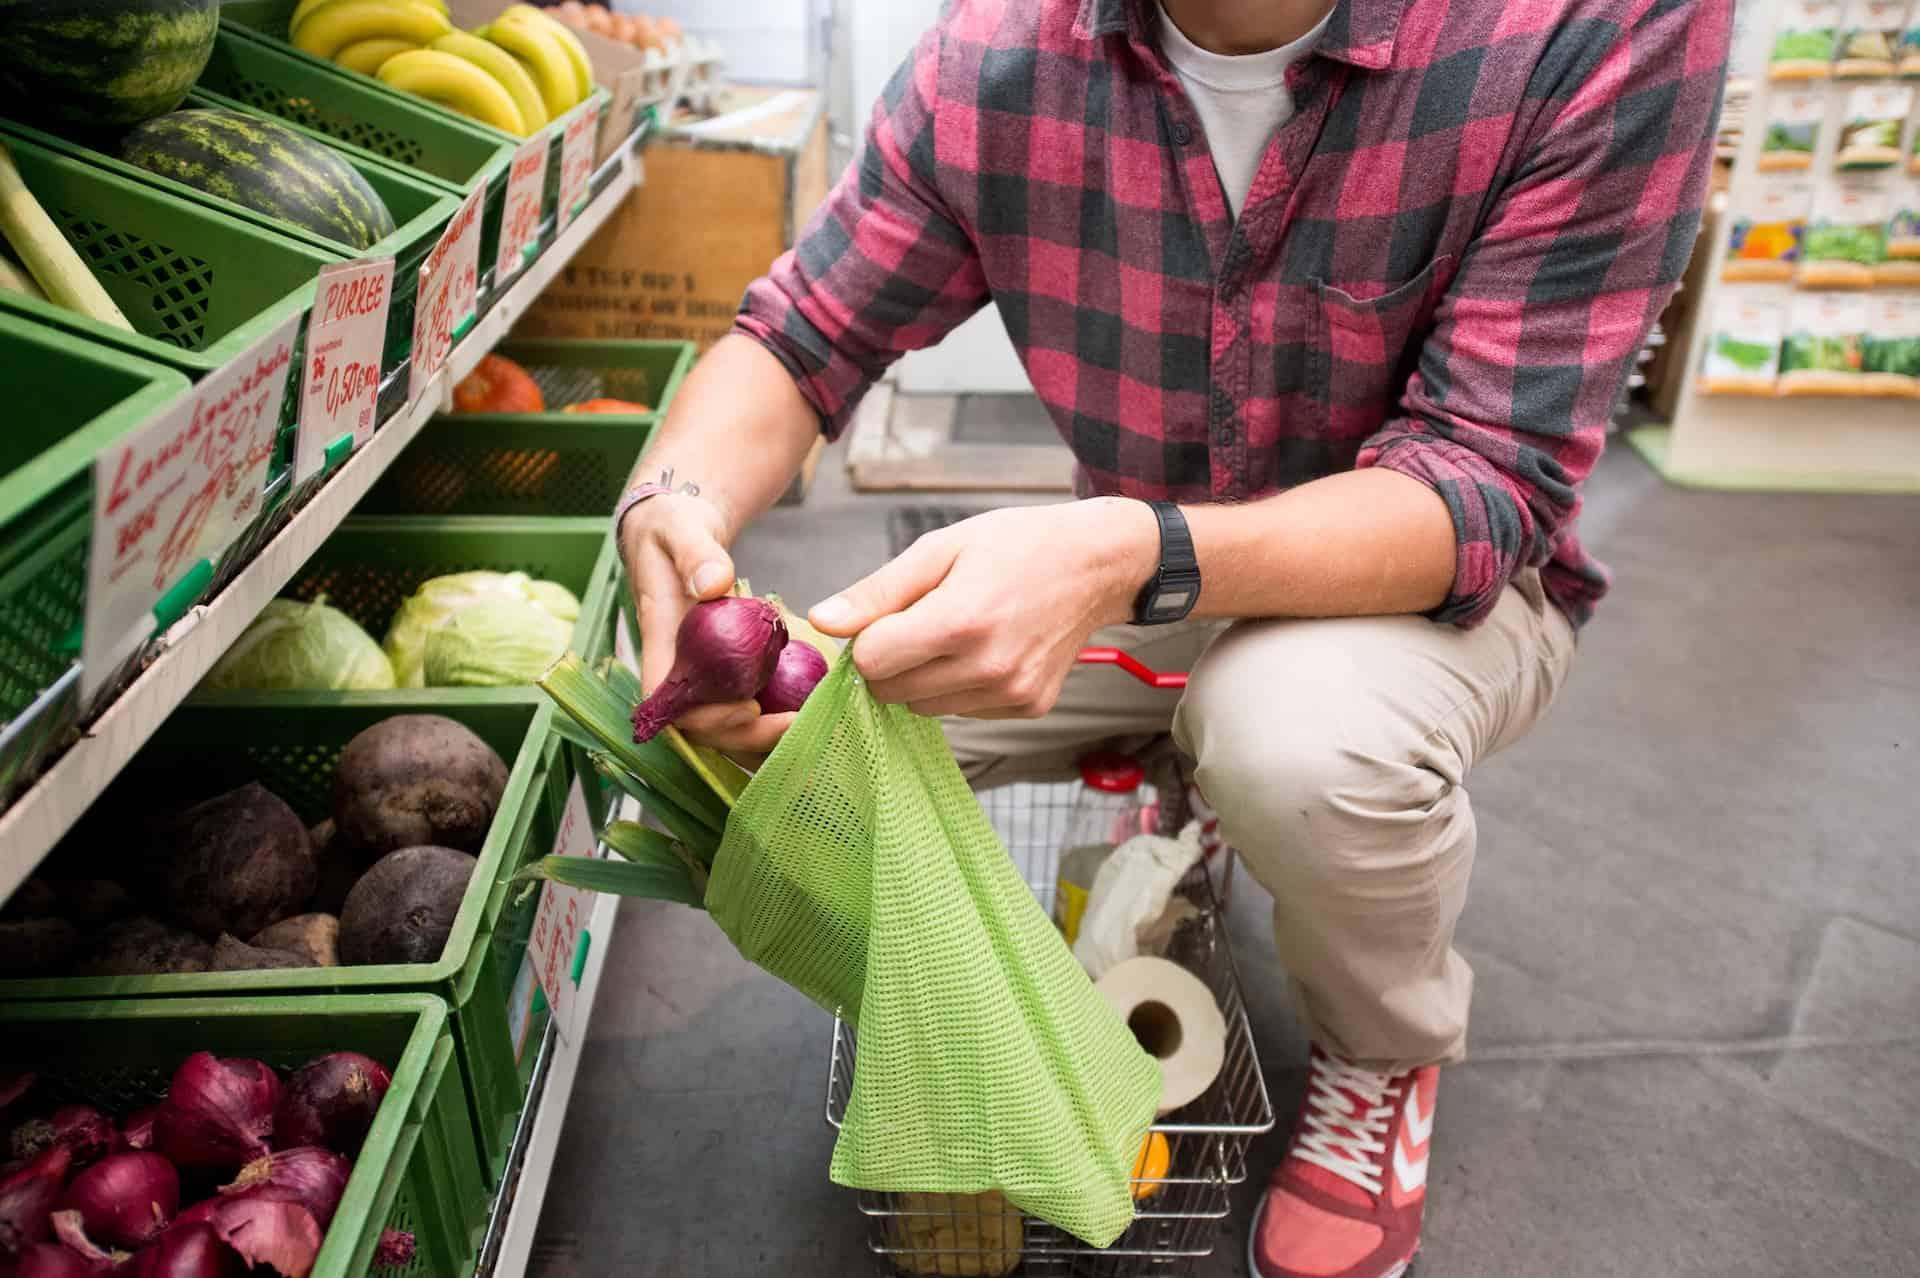 Ein Mann packt Zwiebeln in einen plastikfreuen Einkaufsbeutel.